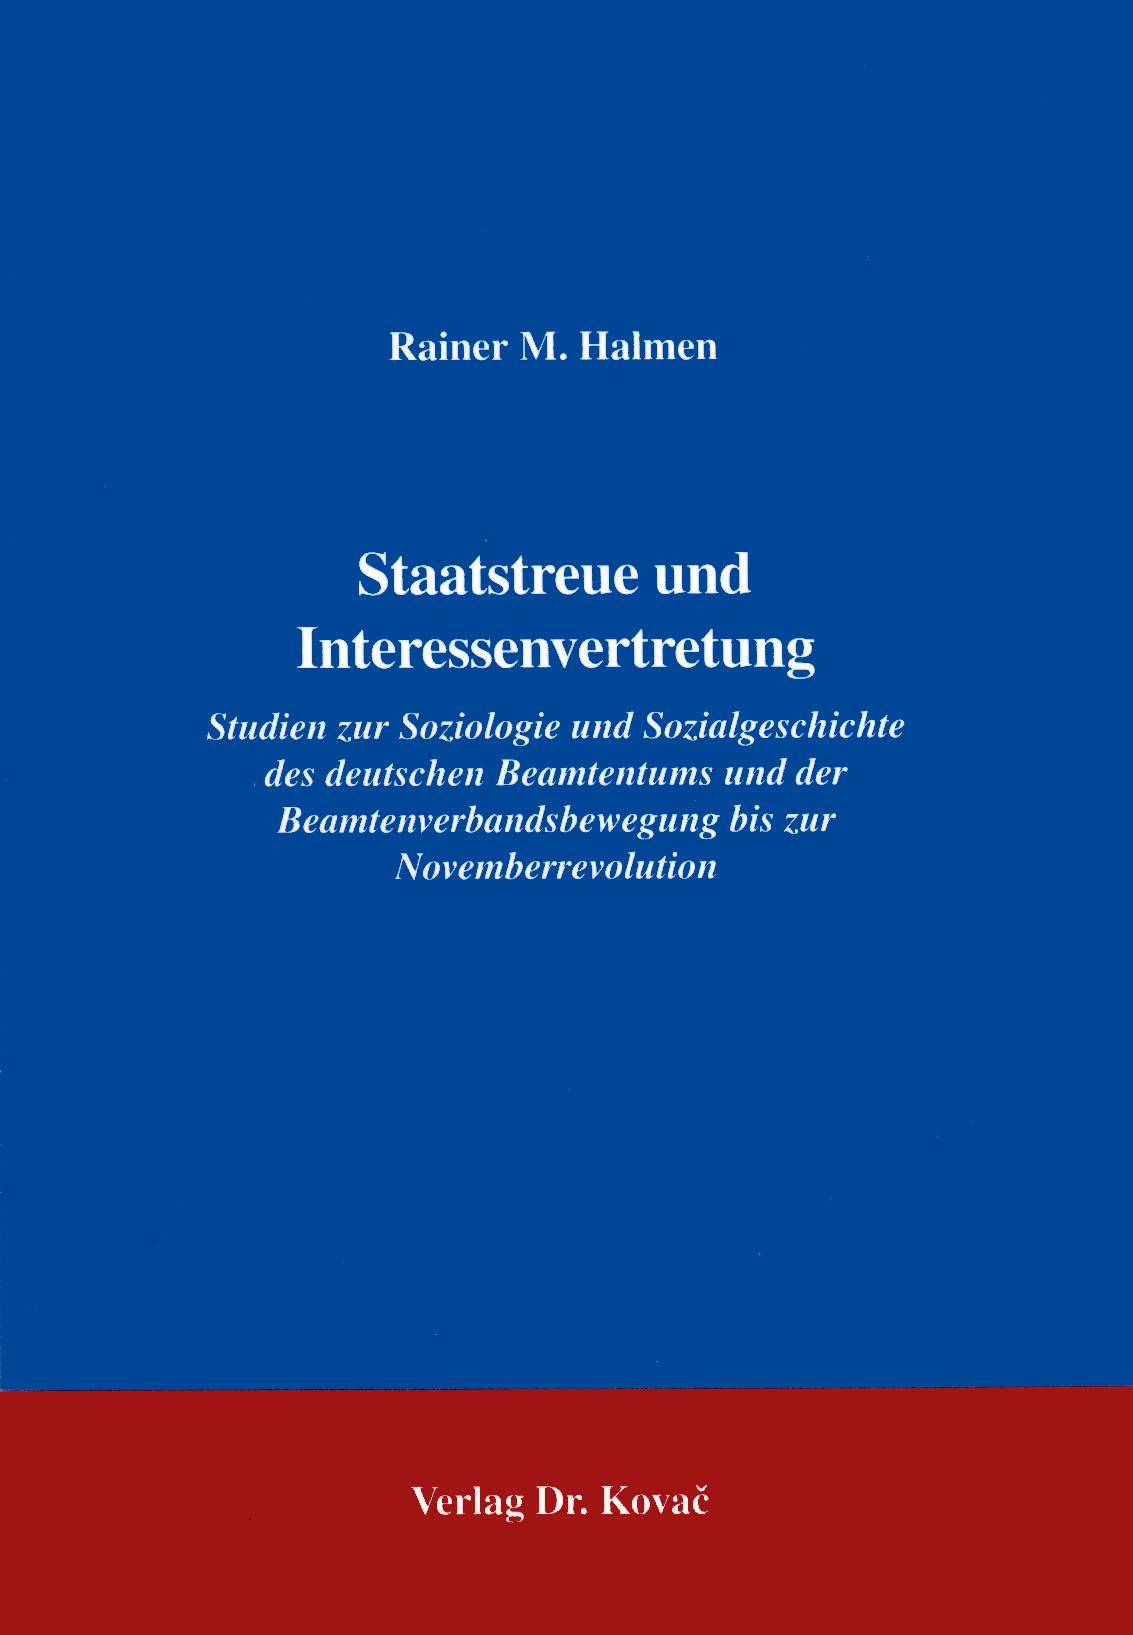 Cover: Staatstreue und Interessenvertretung, 2. Aufl.